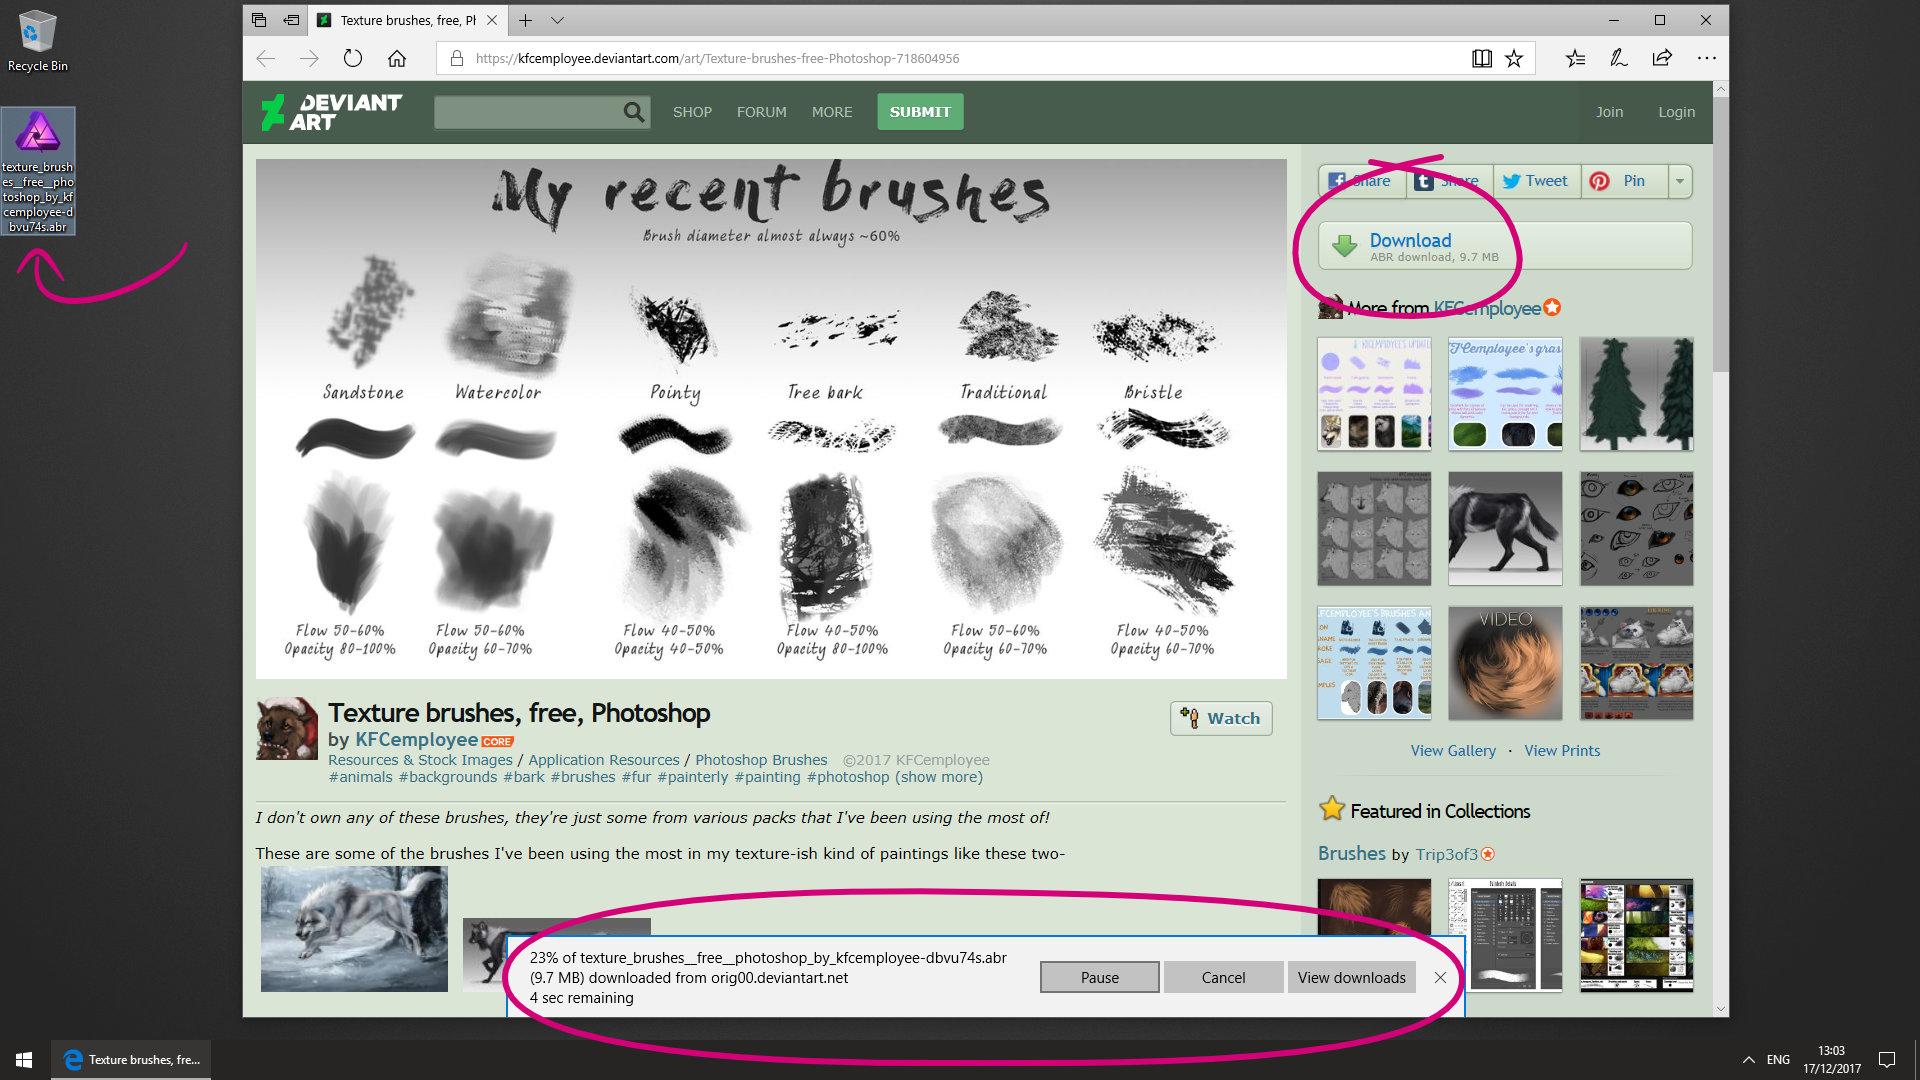 Free 1000 Photoshop Brushes - Resources - Affinity | Forum